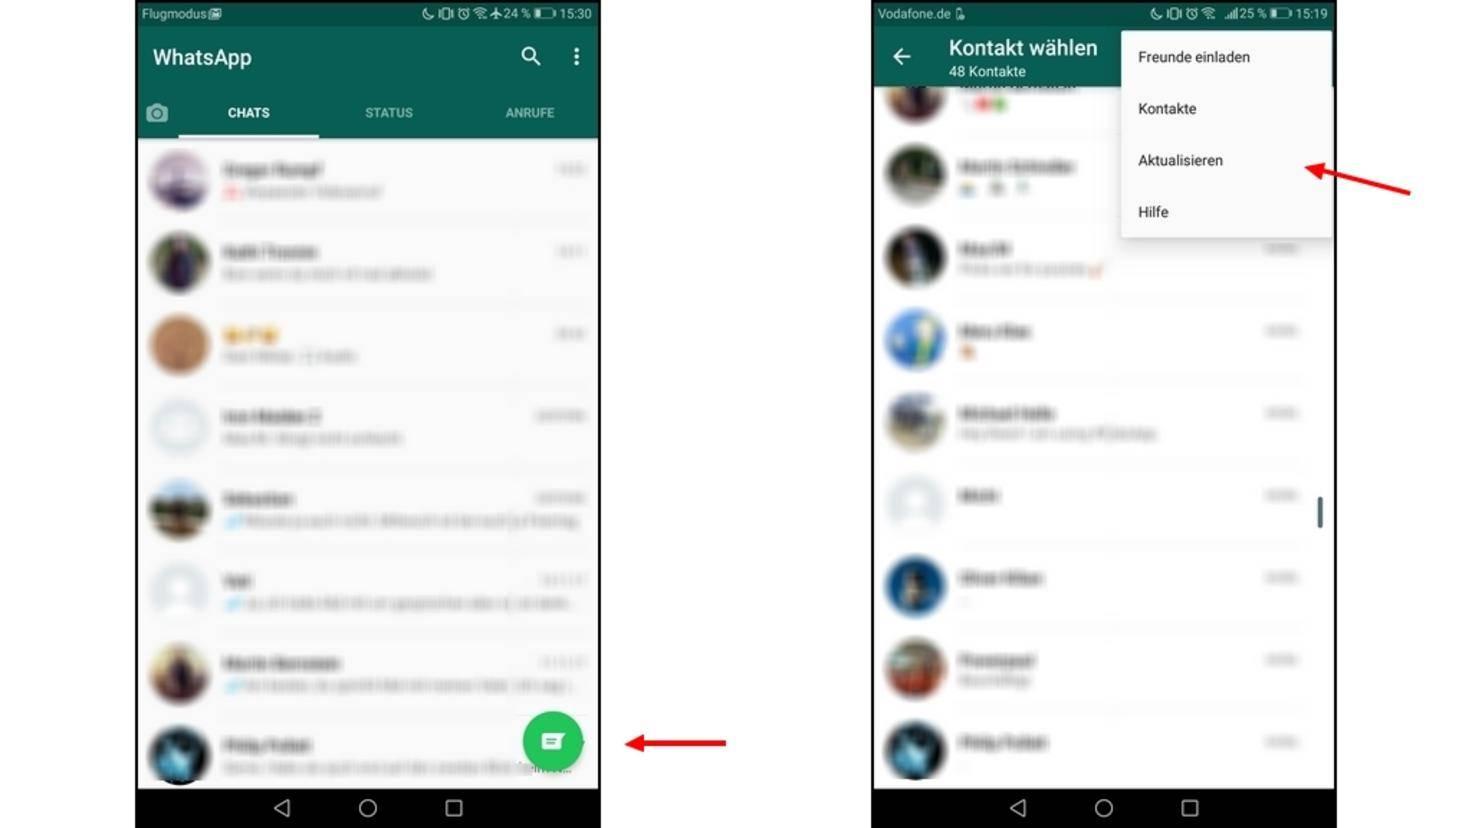 Whatsapp Kontakte Aktualisieren So Wird Die Kontaktliste Aktualisiert